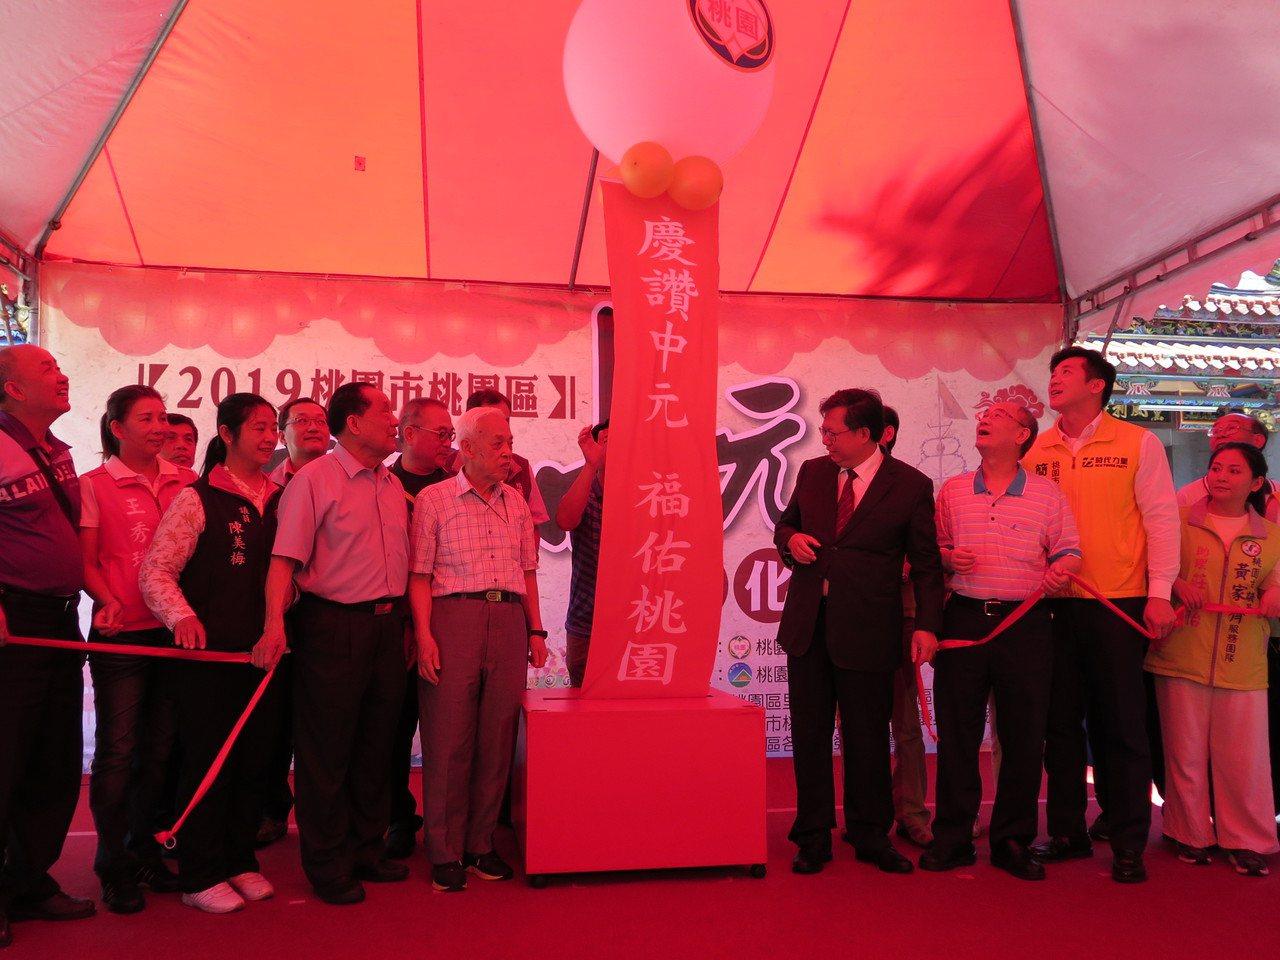 農曆7月將屆,桃園市桃園區有百年傳統的慶讚中元文化活動將開跑,區公所今天在景福宮...